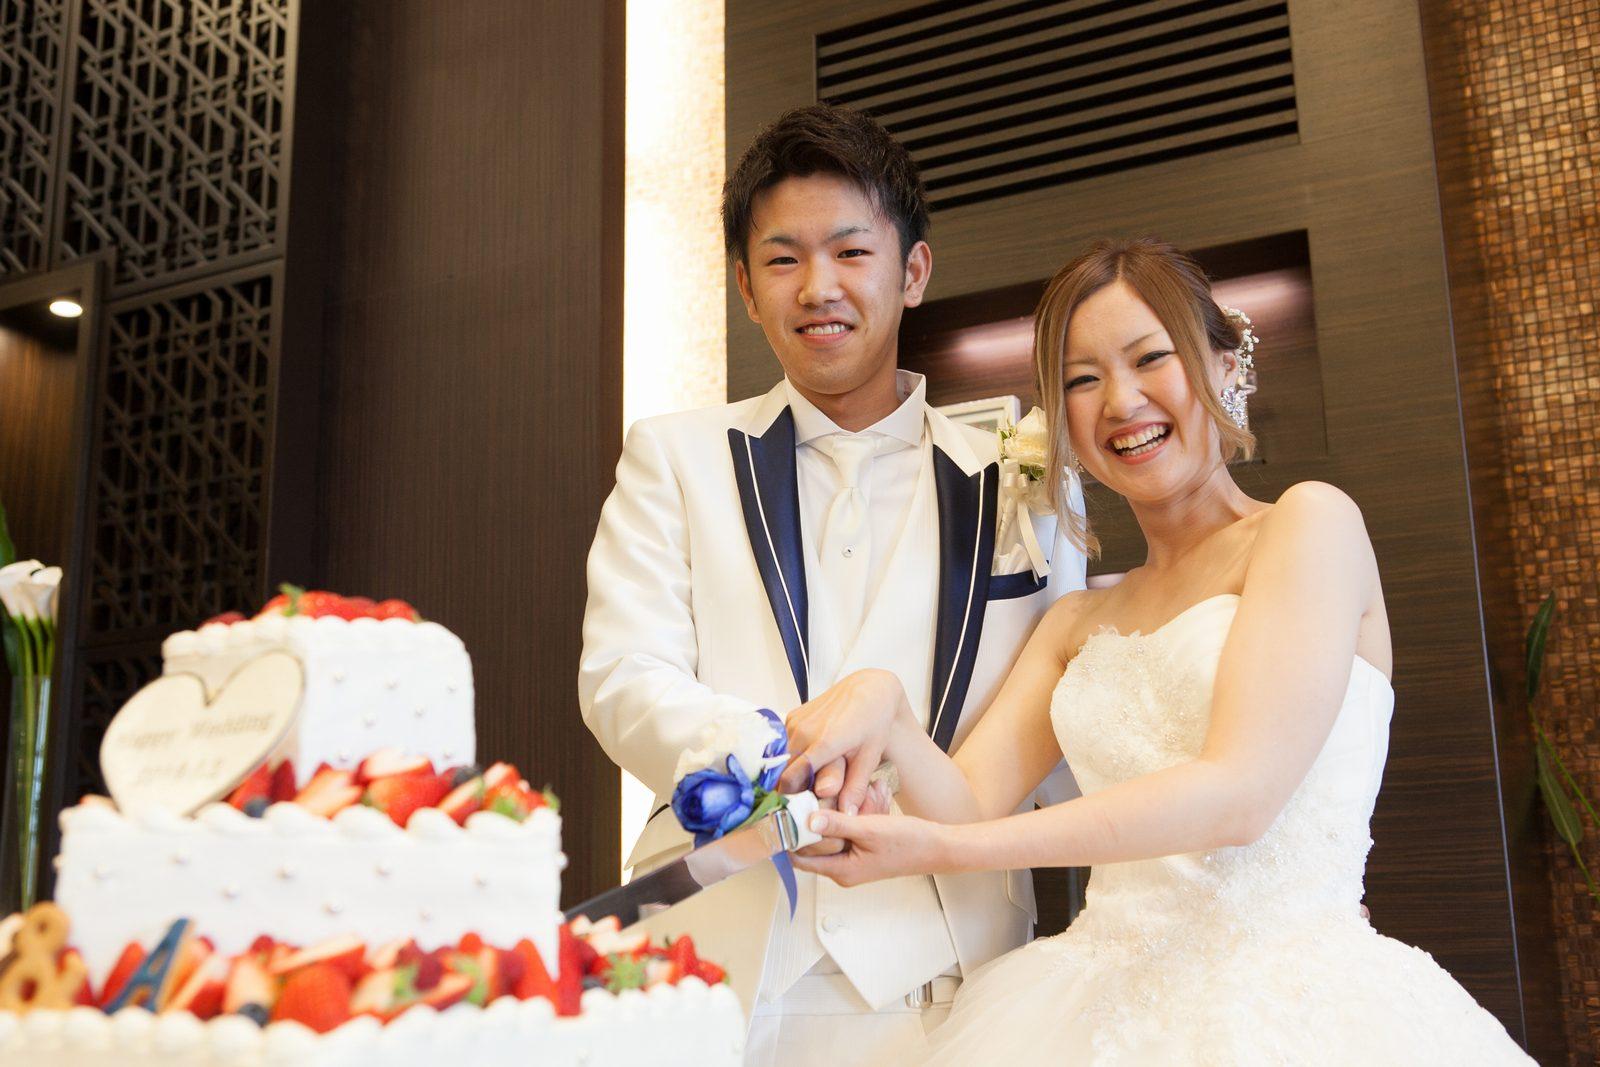 徳島市の結婚式場ブランアンジュで幸せいっぱいのウエディングケーキ入刀